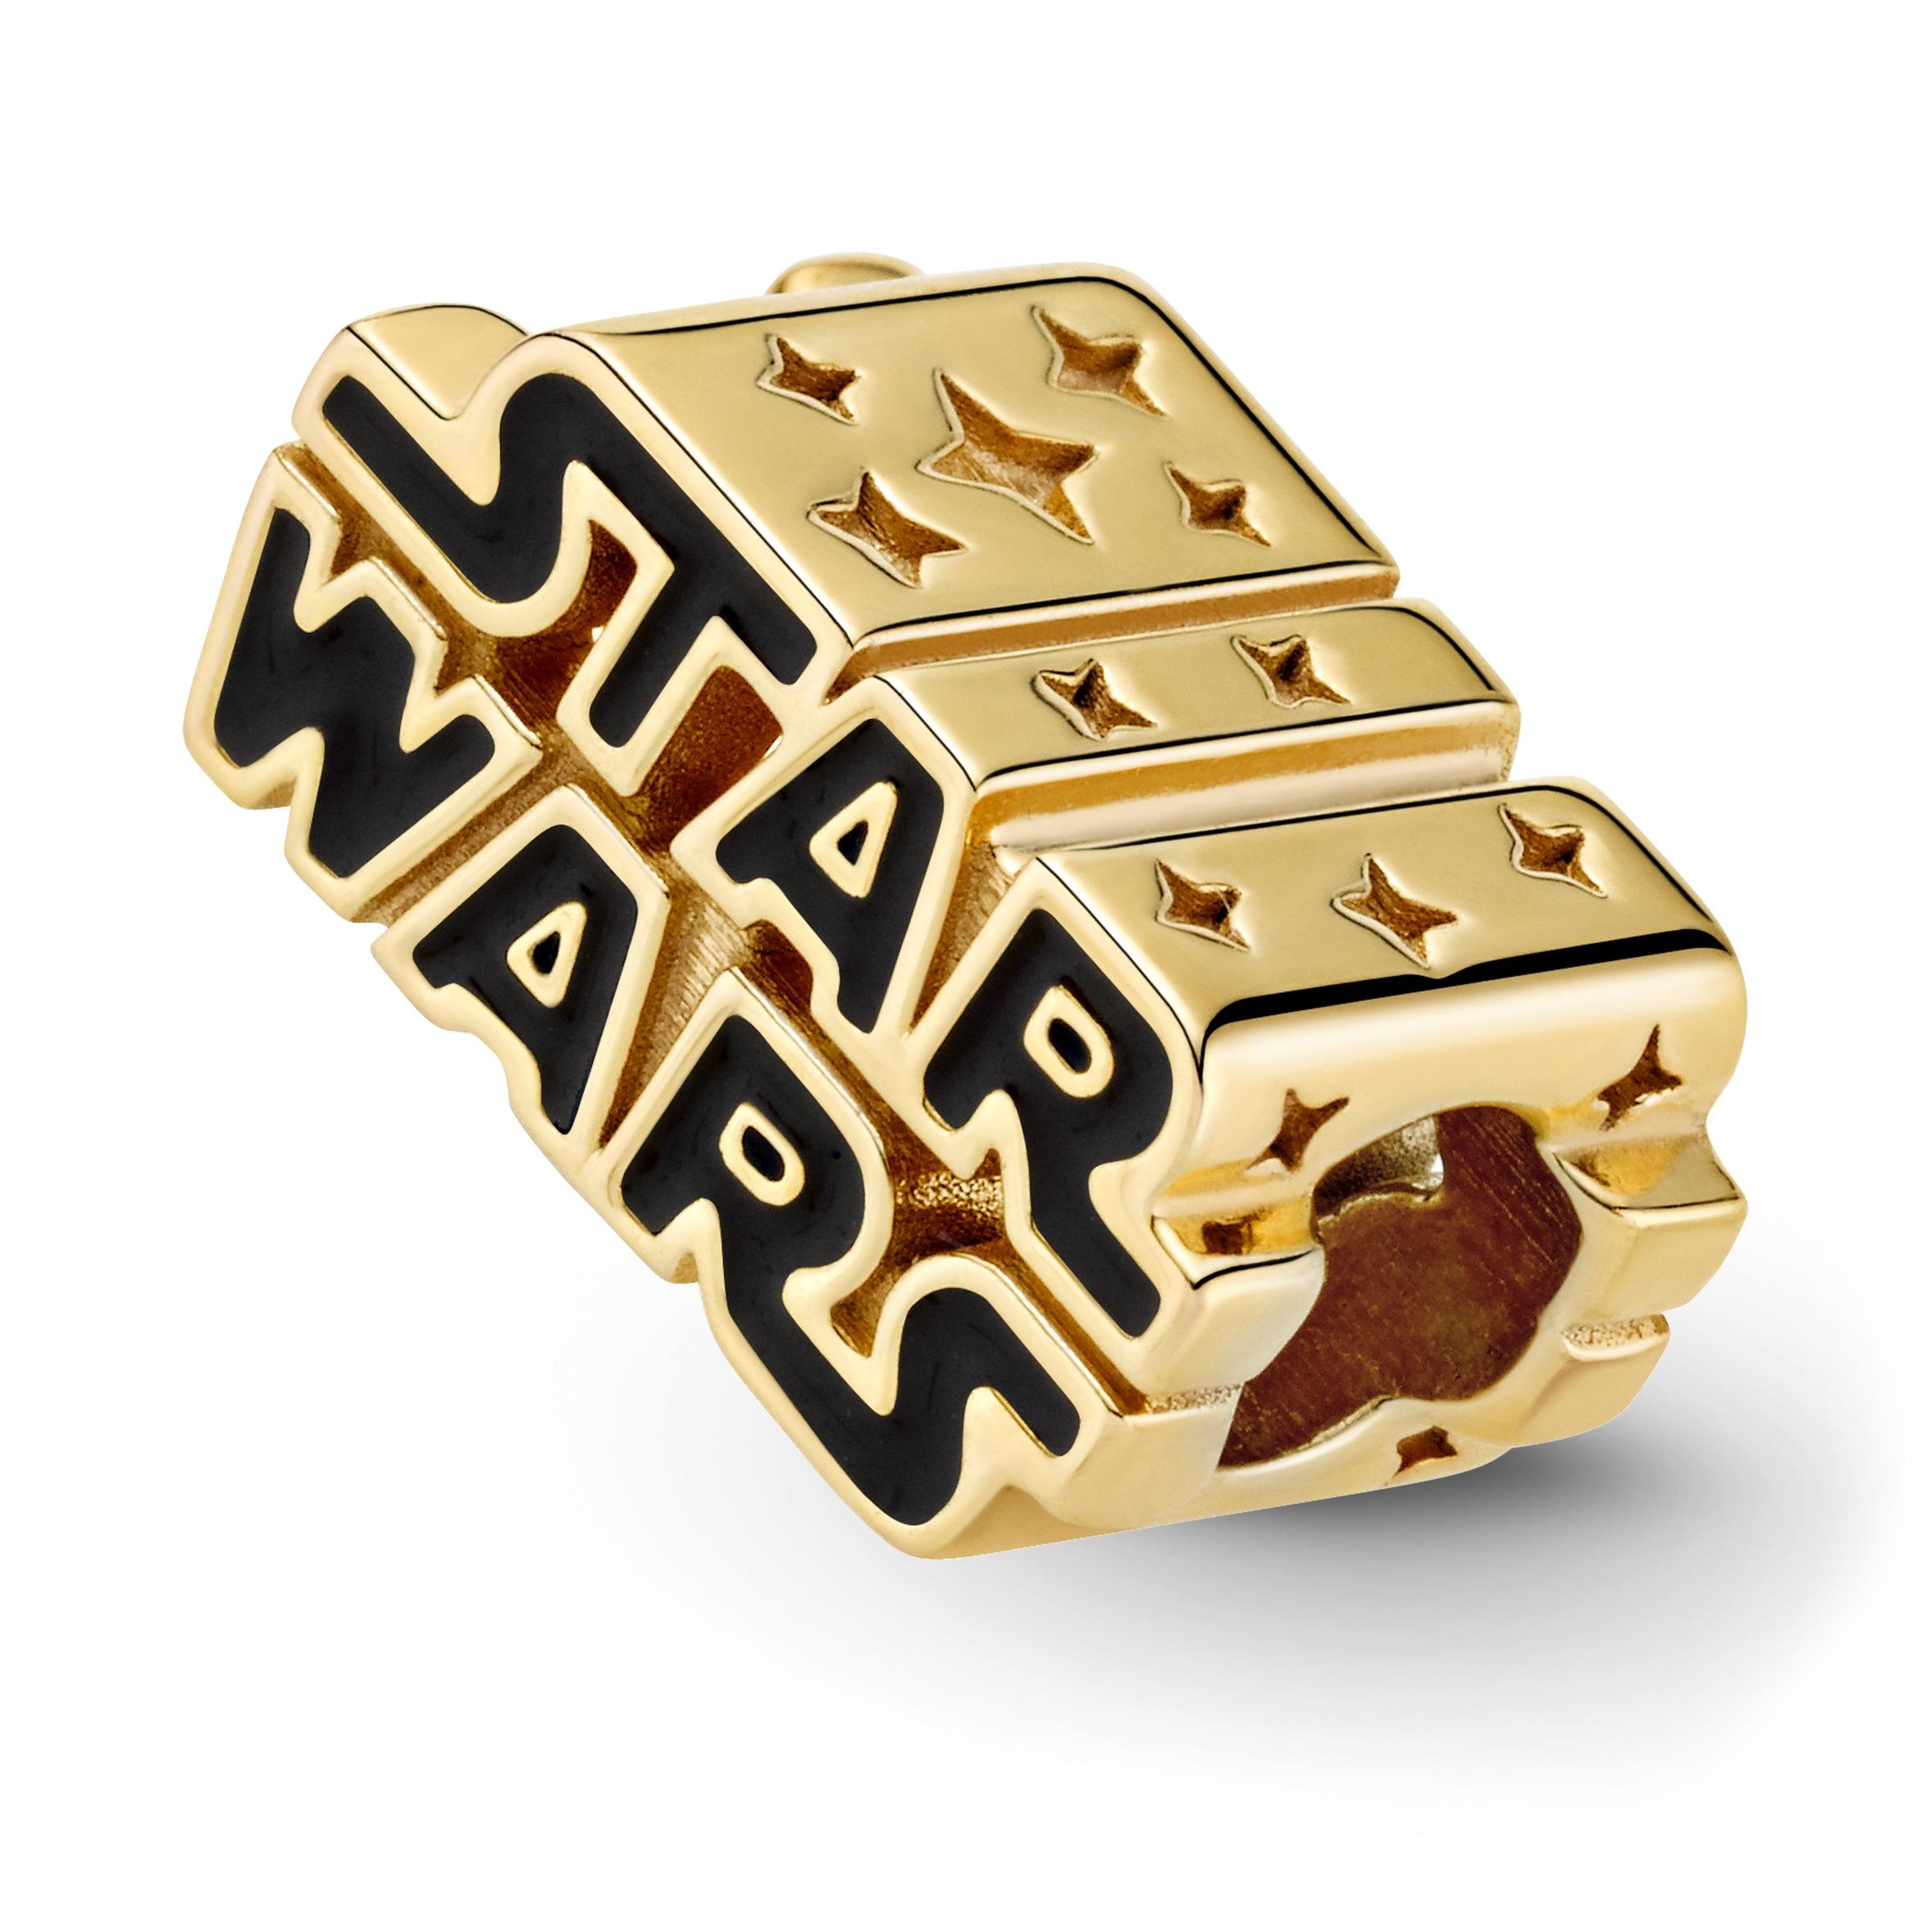 Pandora lanza una colección inspirada en Star Wars que llegará muy pronto a nuestra galaxia #StarWarsxPandora